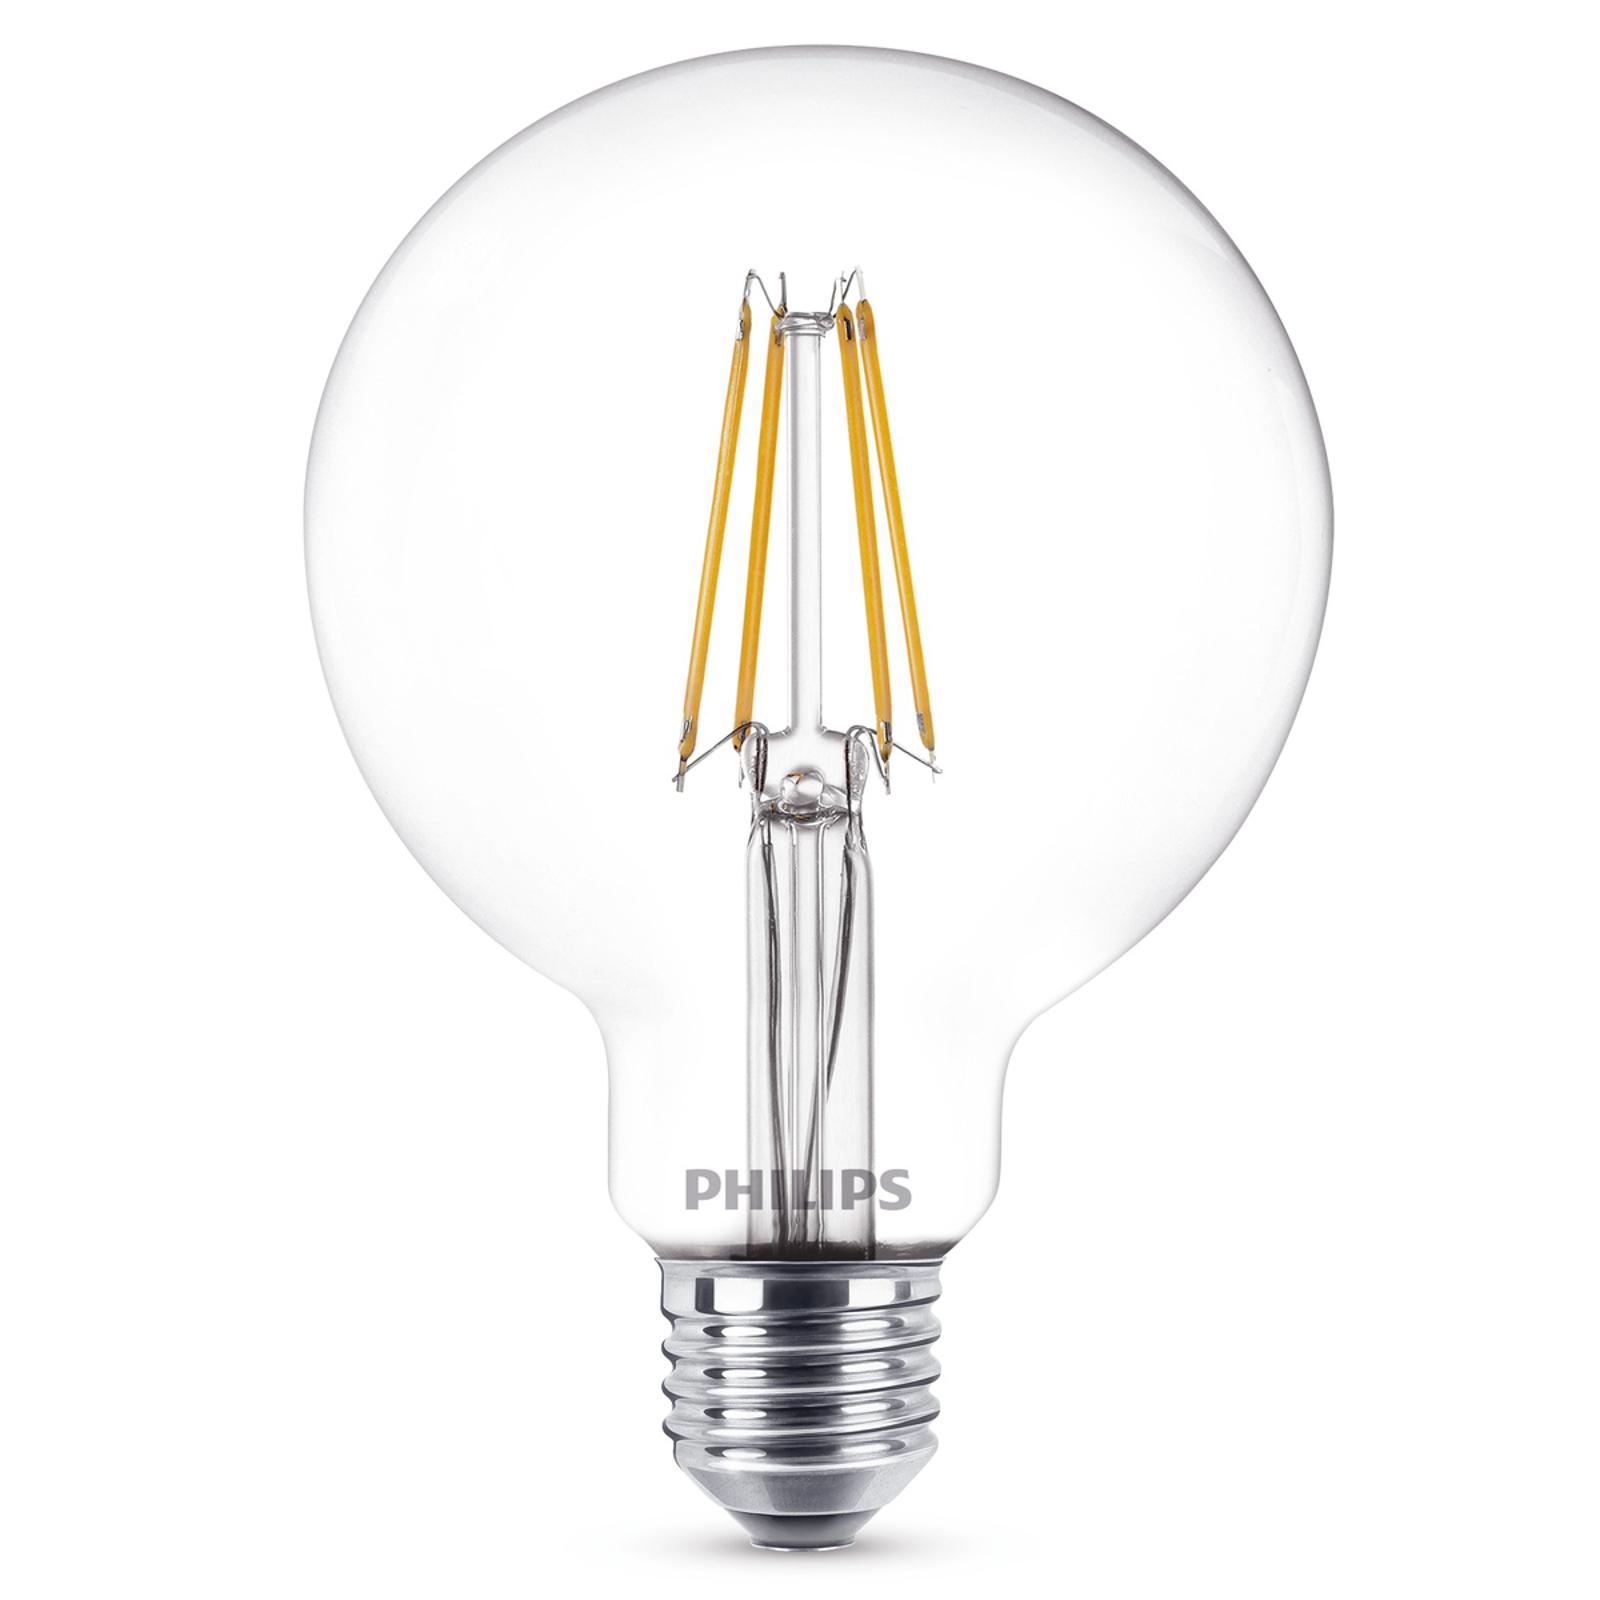 E27 7W 827 LED Globelampe G95 klar